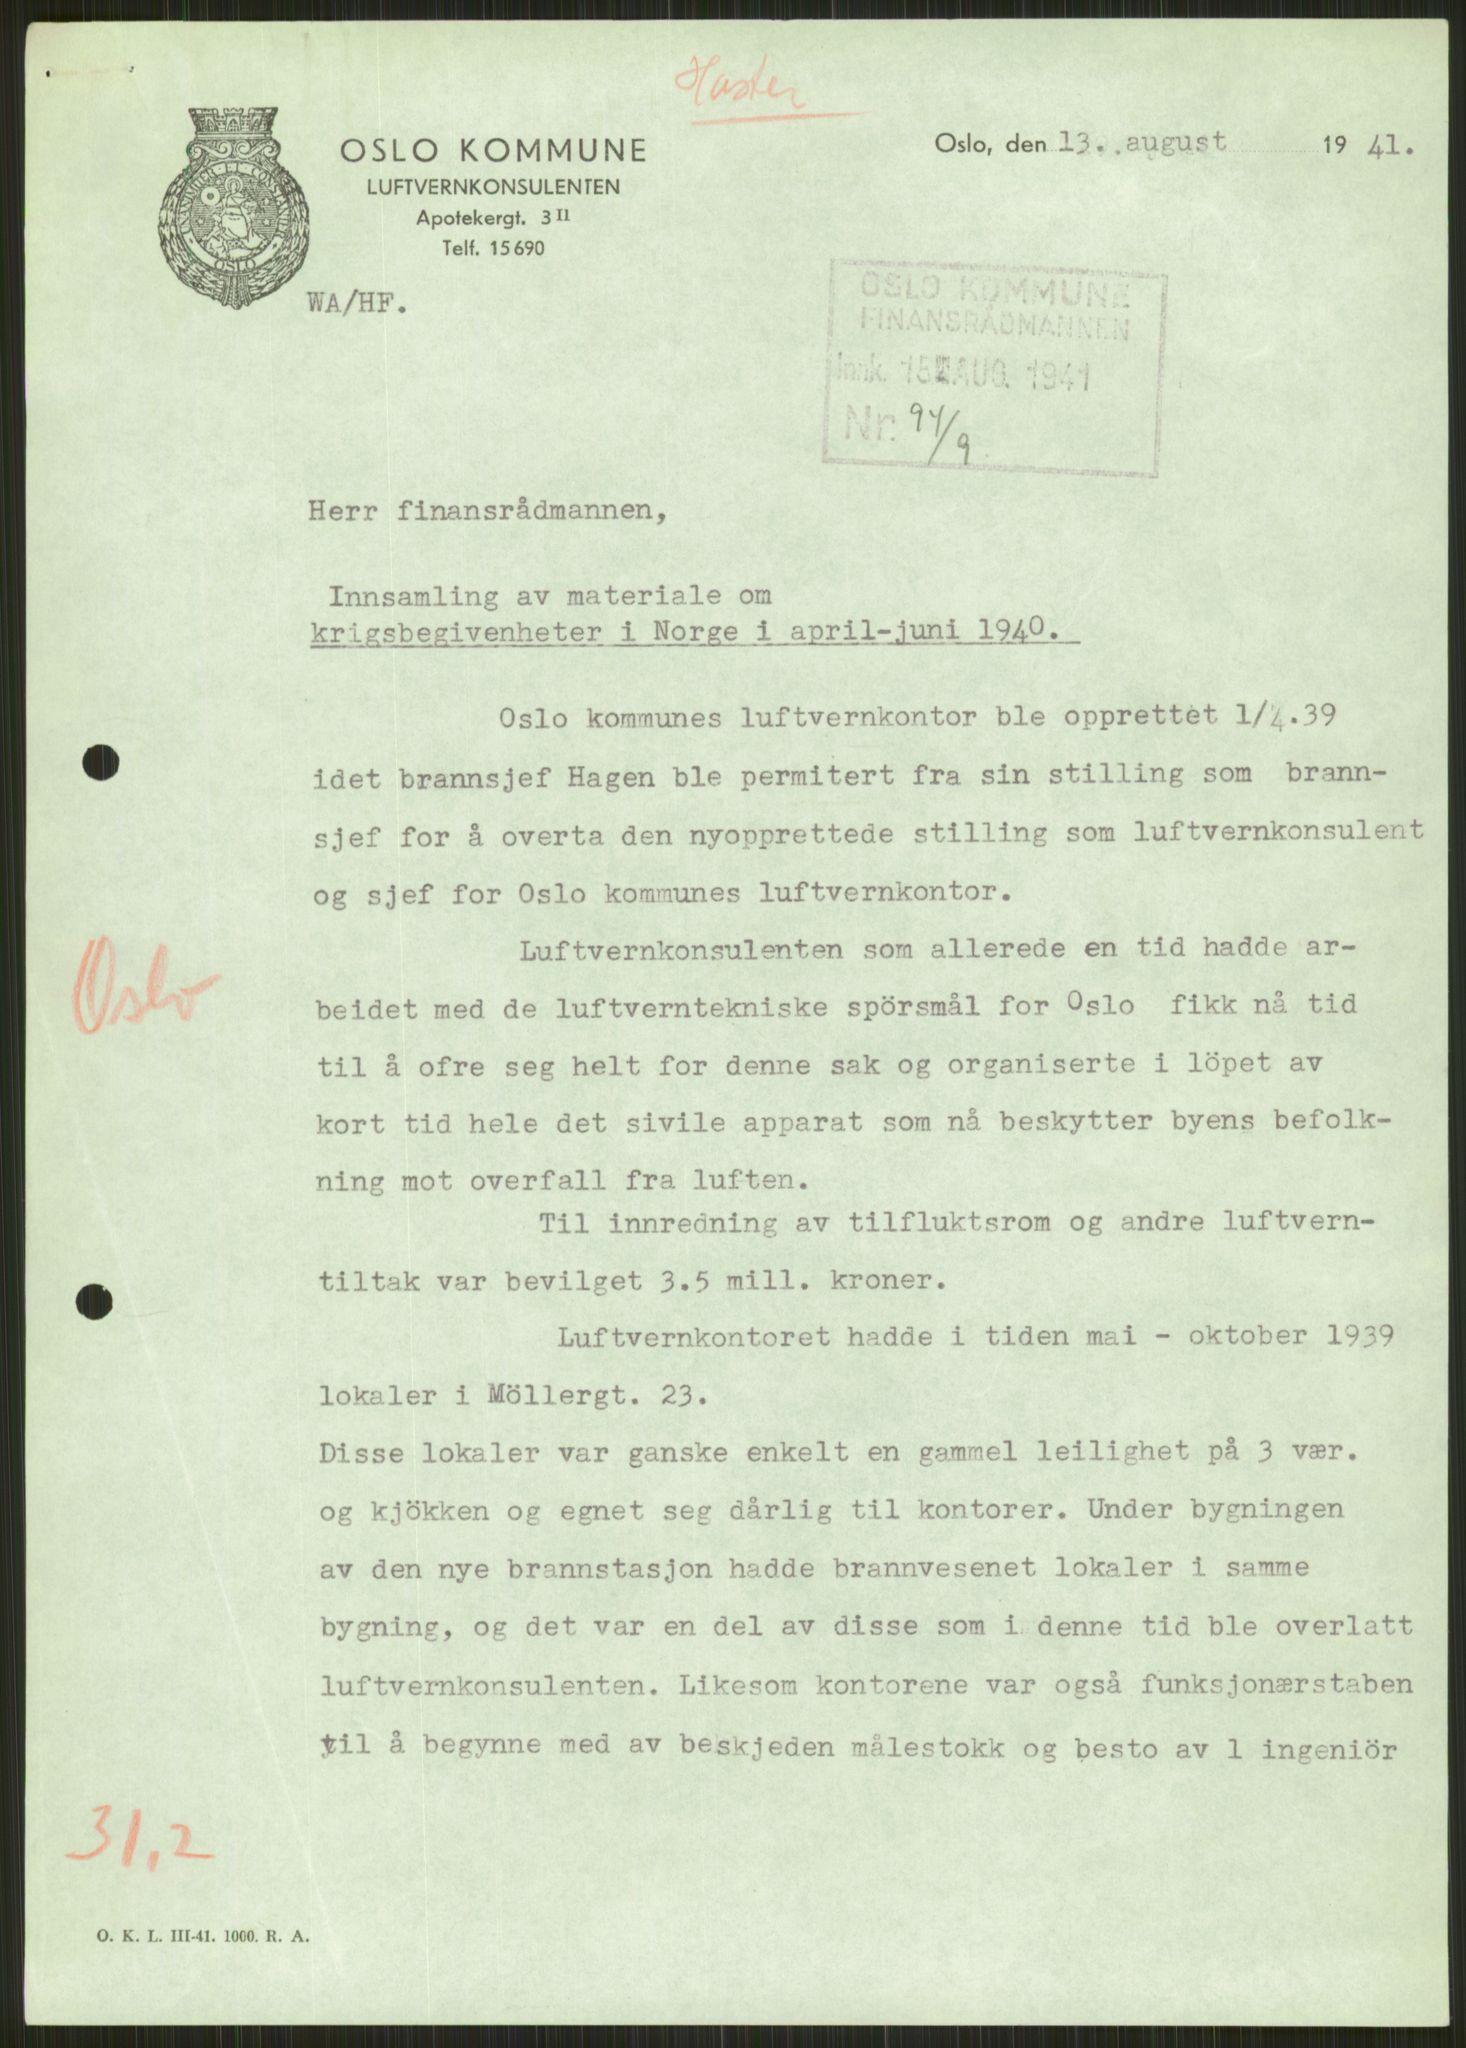 RA, Forsvaret, Forsvarets krigshistoriske avdeling, Y/Ya/L0013: II-C-11-31 - Fylkesmenn.  Rapporter om krigsbegivenhetene 1940., 1940, s. 551